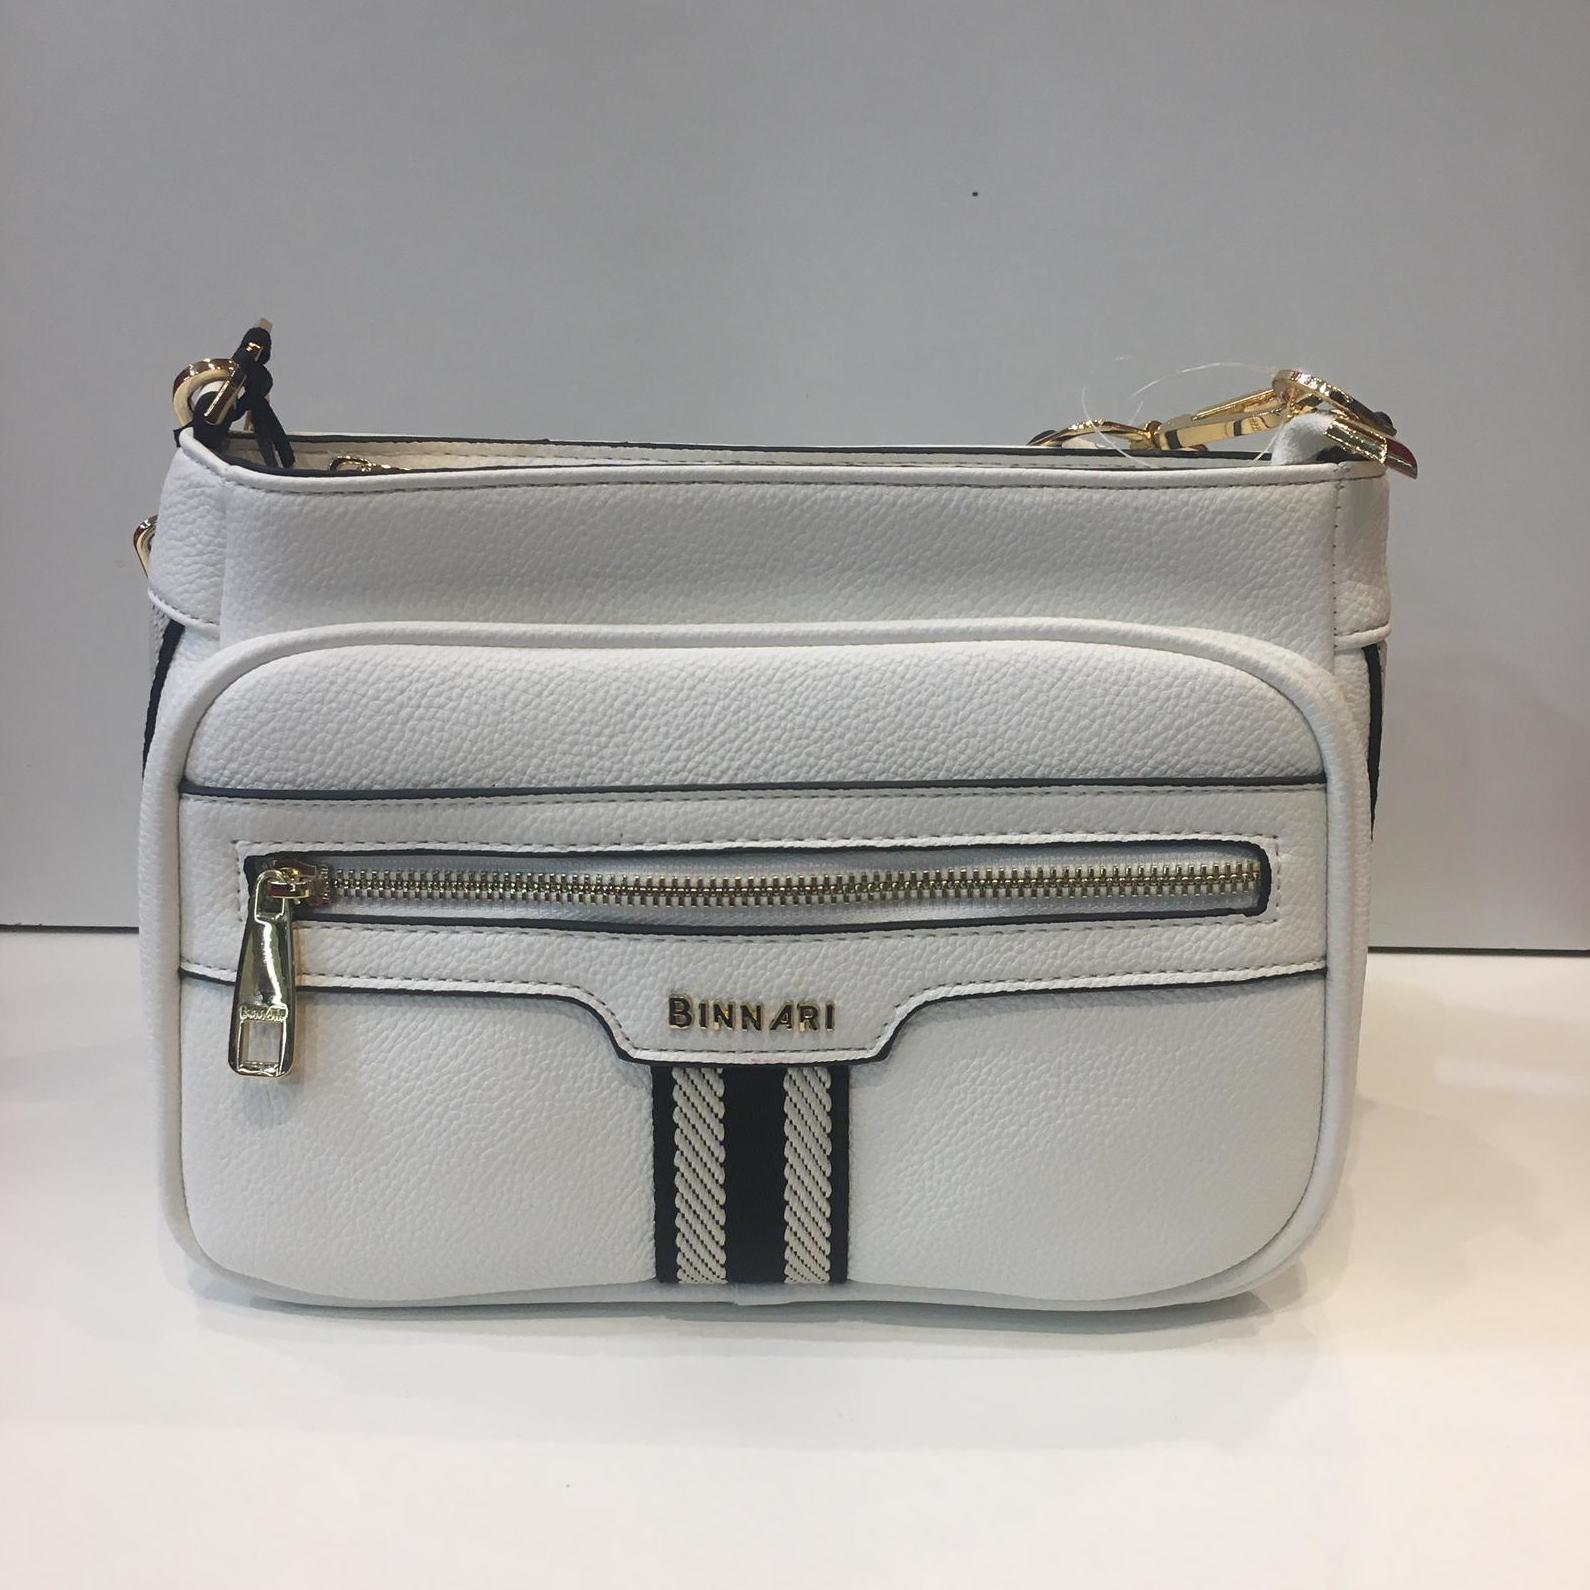 Bossa de la marca Binnari, amb tira adaptable a totes les llargades 42€ — a La Bisbal.